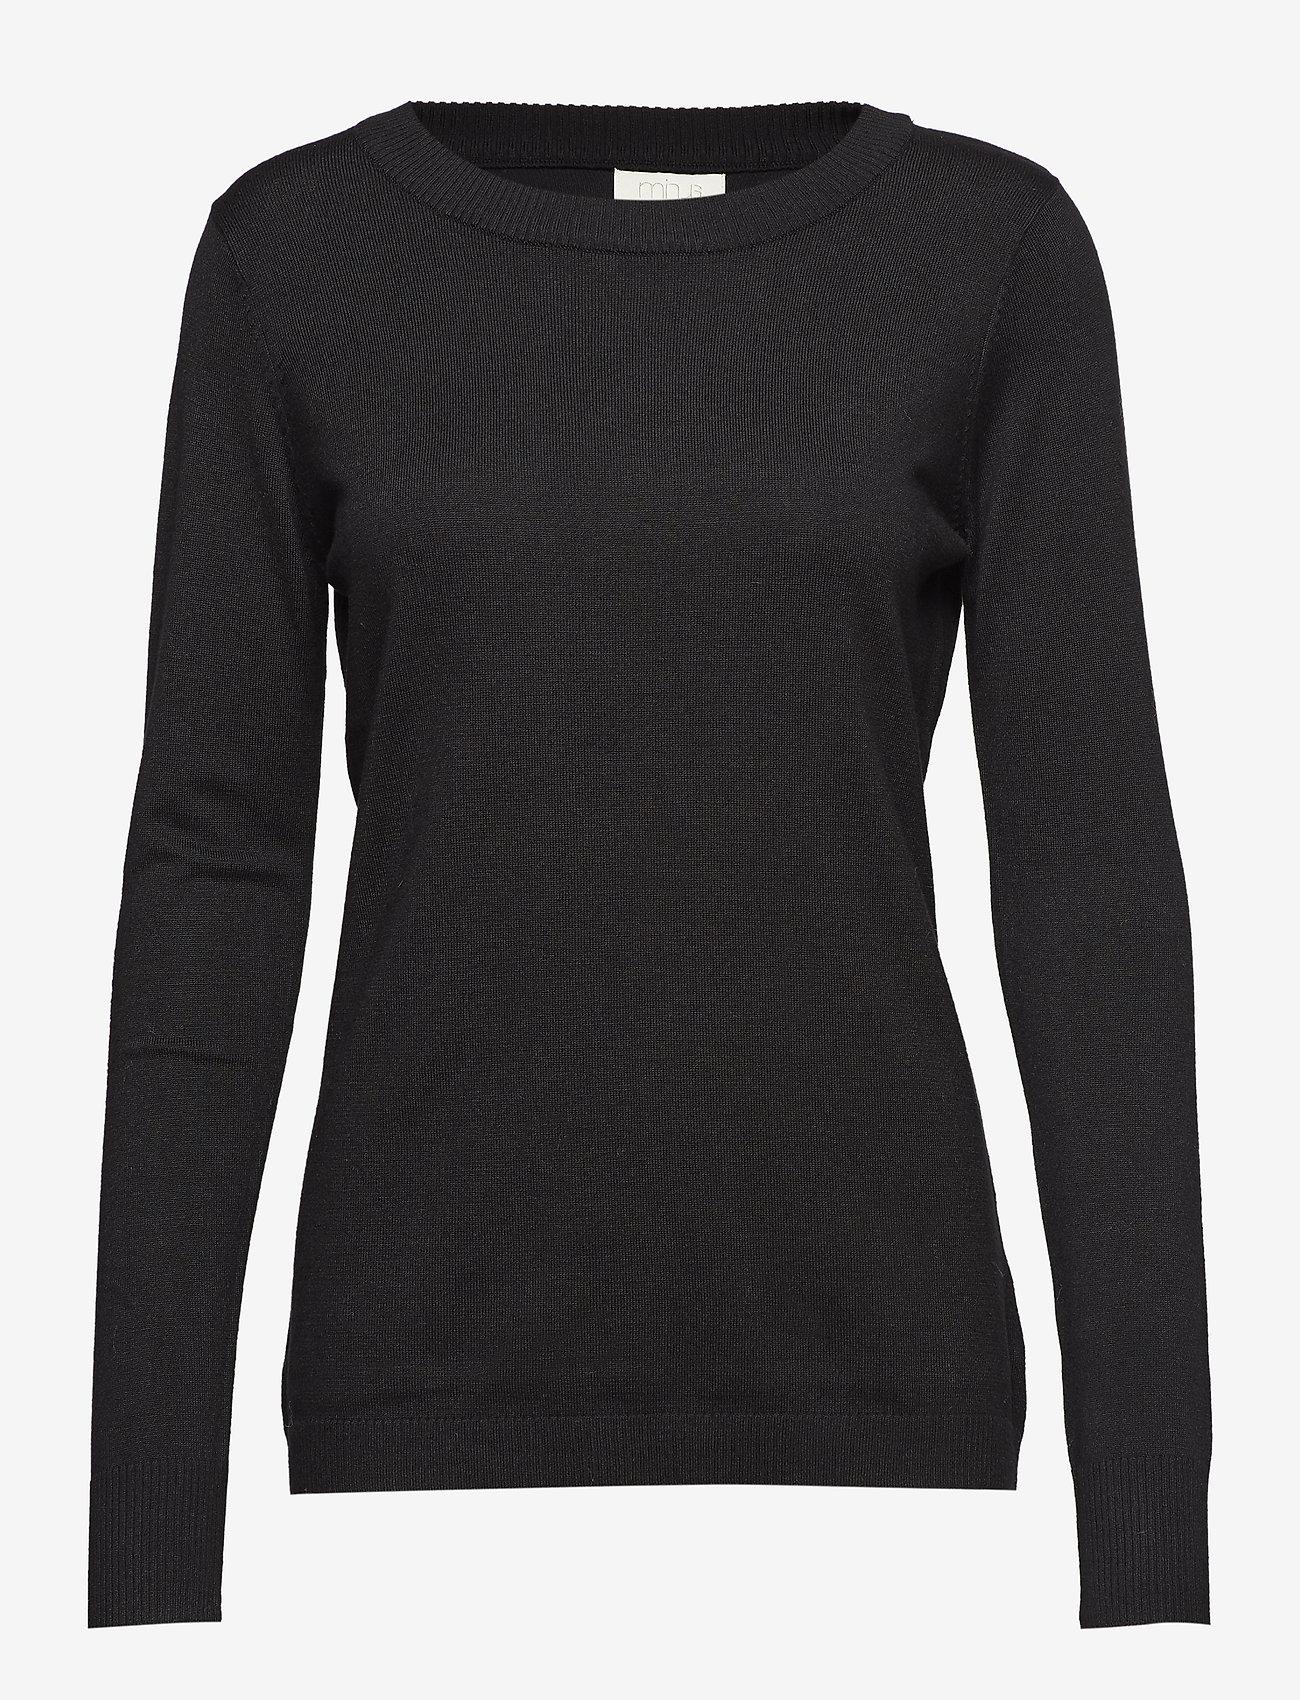 Minus - Rilla pullover - gensere - black - 0